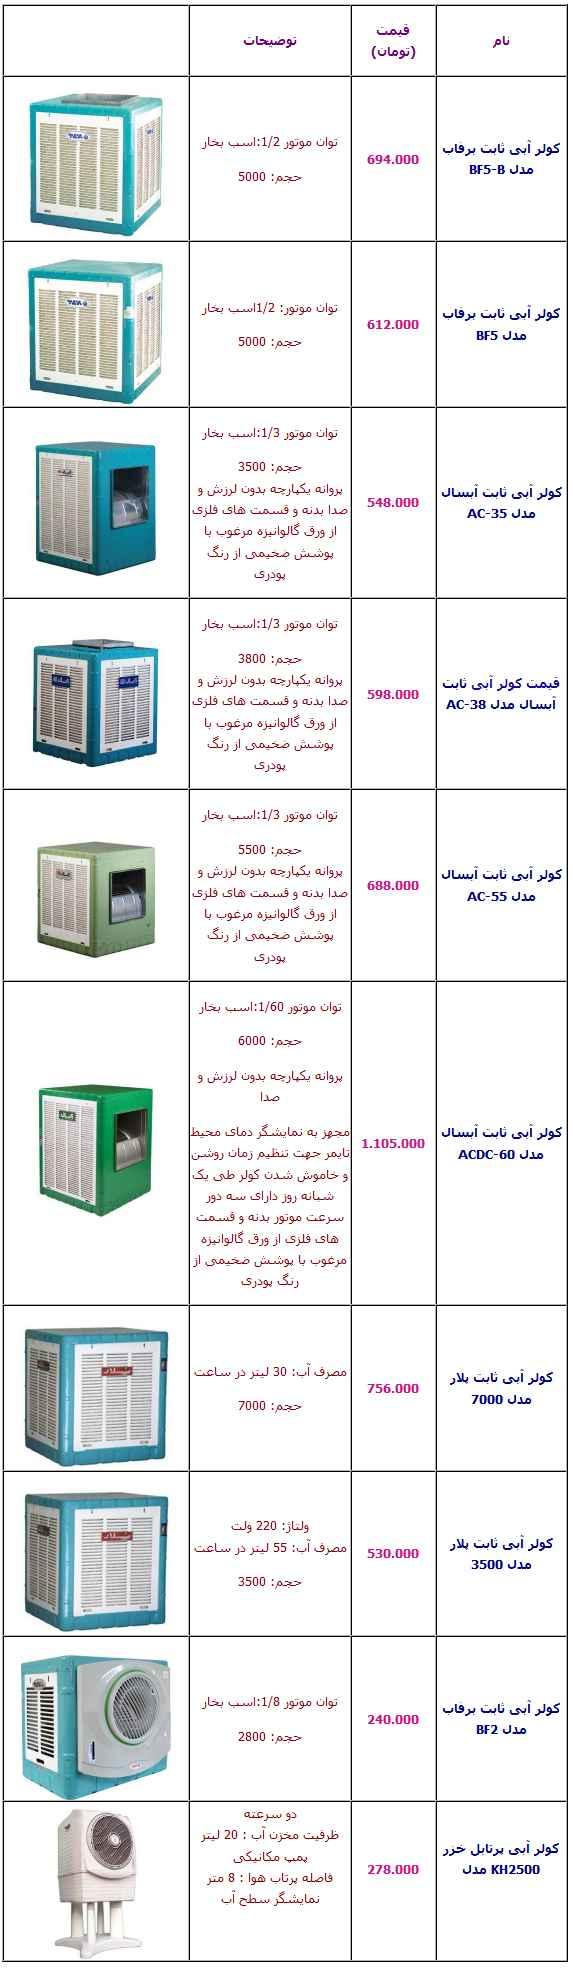 جدول/ تازهترین قیمت انواع کولر آبی